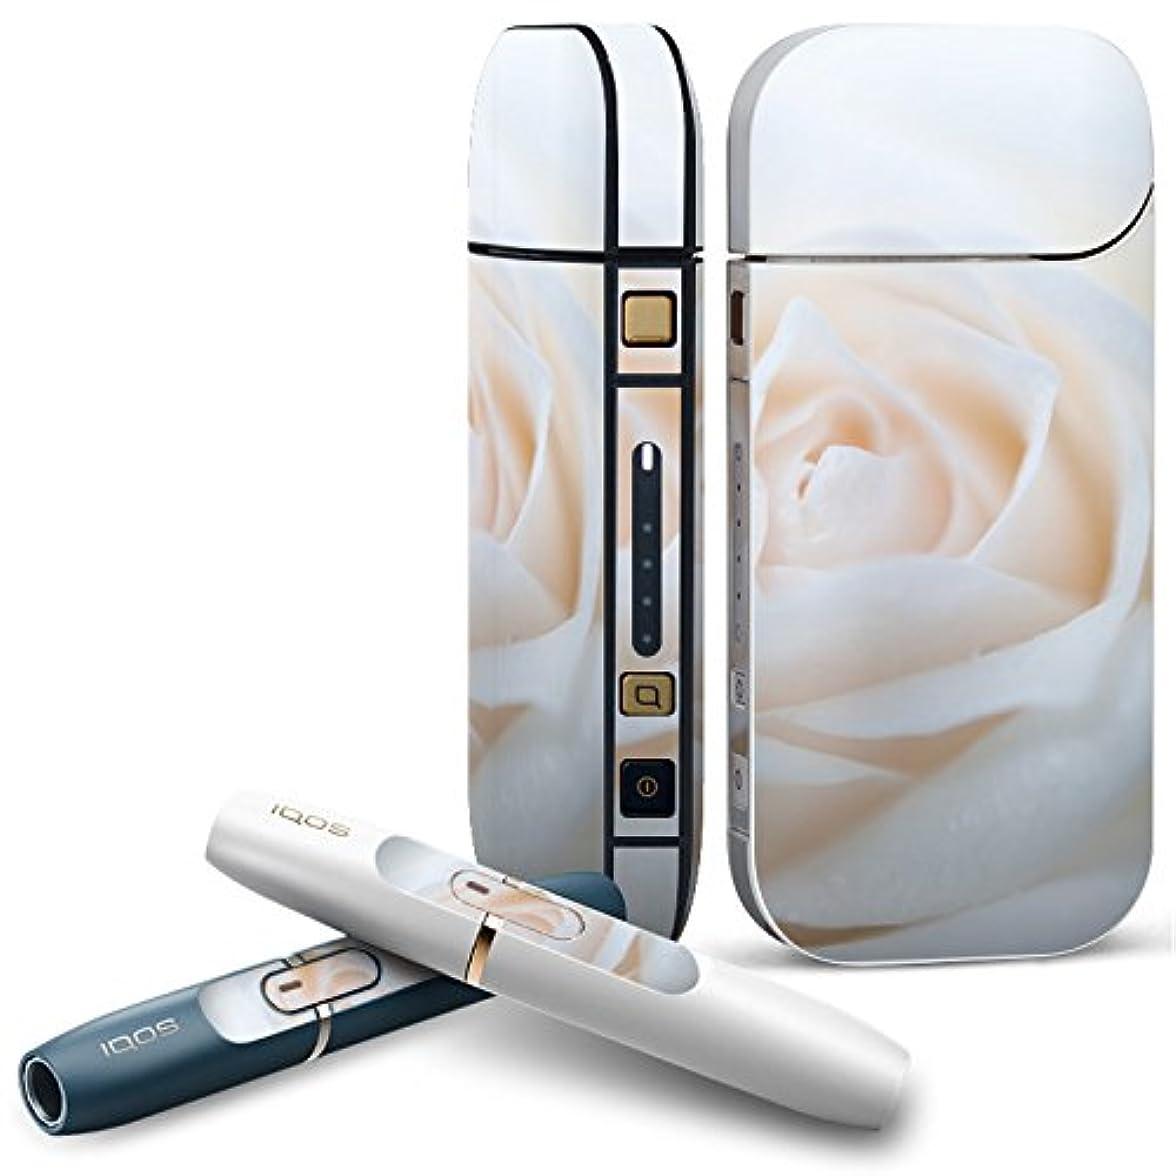 機動提唱する相関するIQOS 2.4 plus 専用スキンシール COMPLETE アイコス 全面セット サイド ボタン デコ フラワー 写真?風景 白 薔薇 写真 005080